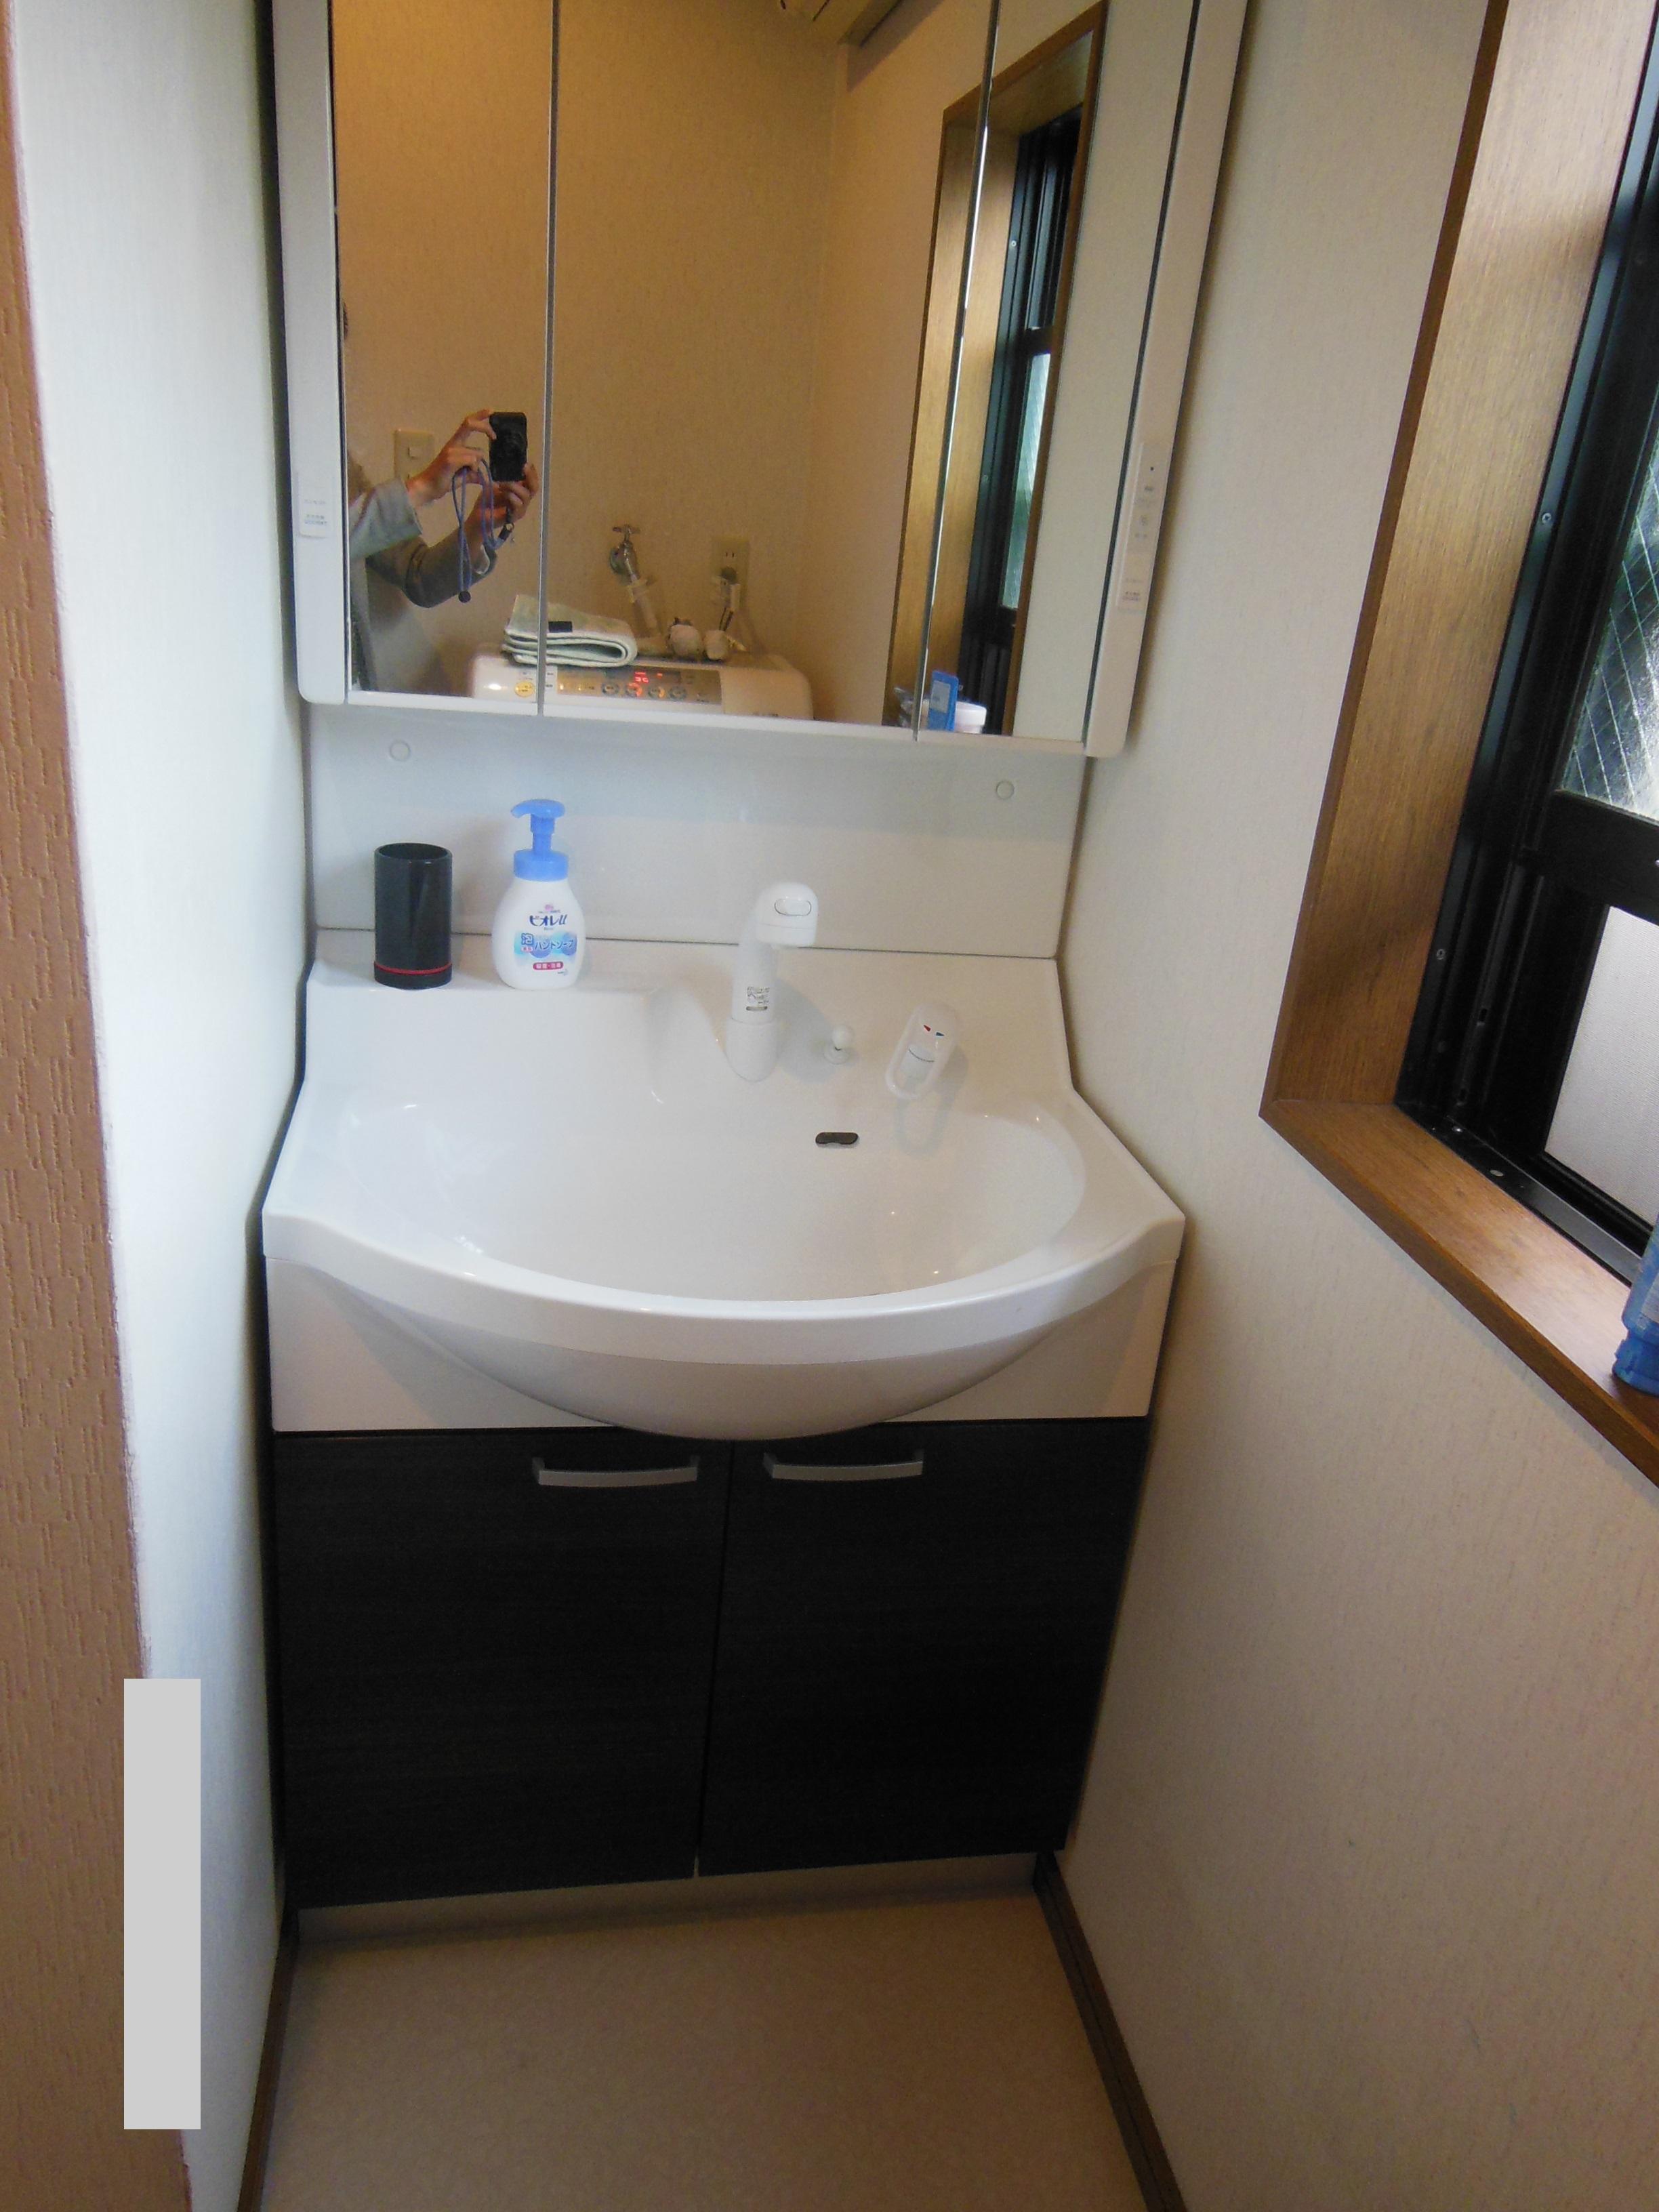 京都市上京区s様邸の洗面化粧台、換気扇取り換え工事が完了しました。